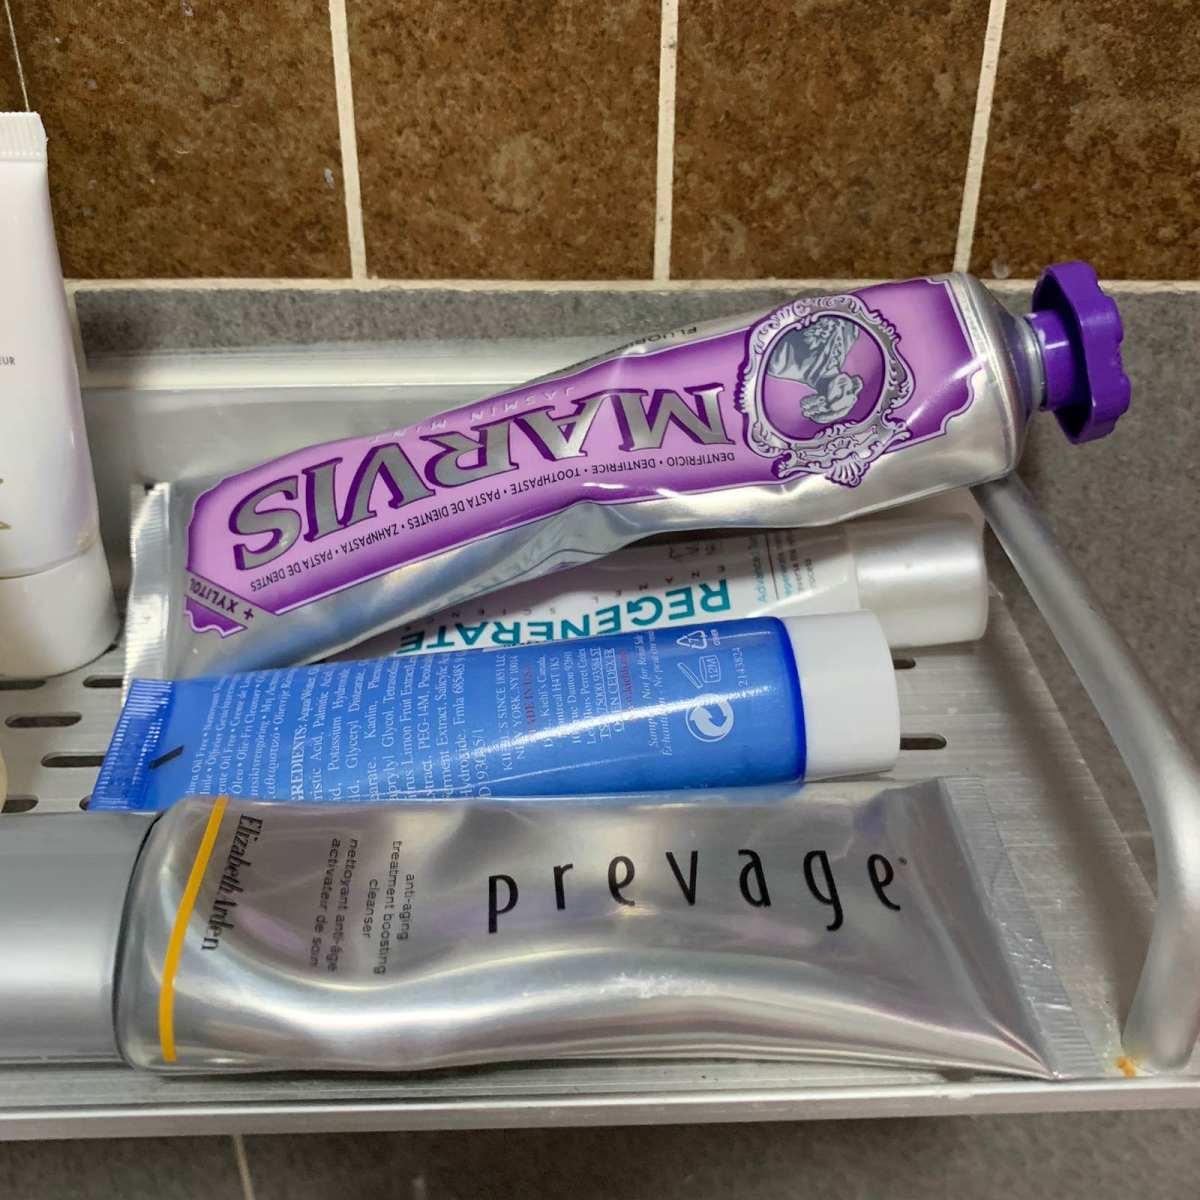 #我家梳妆台#浴室里的洗护用品 🍇最近宅在家办公,家里的简